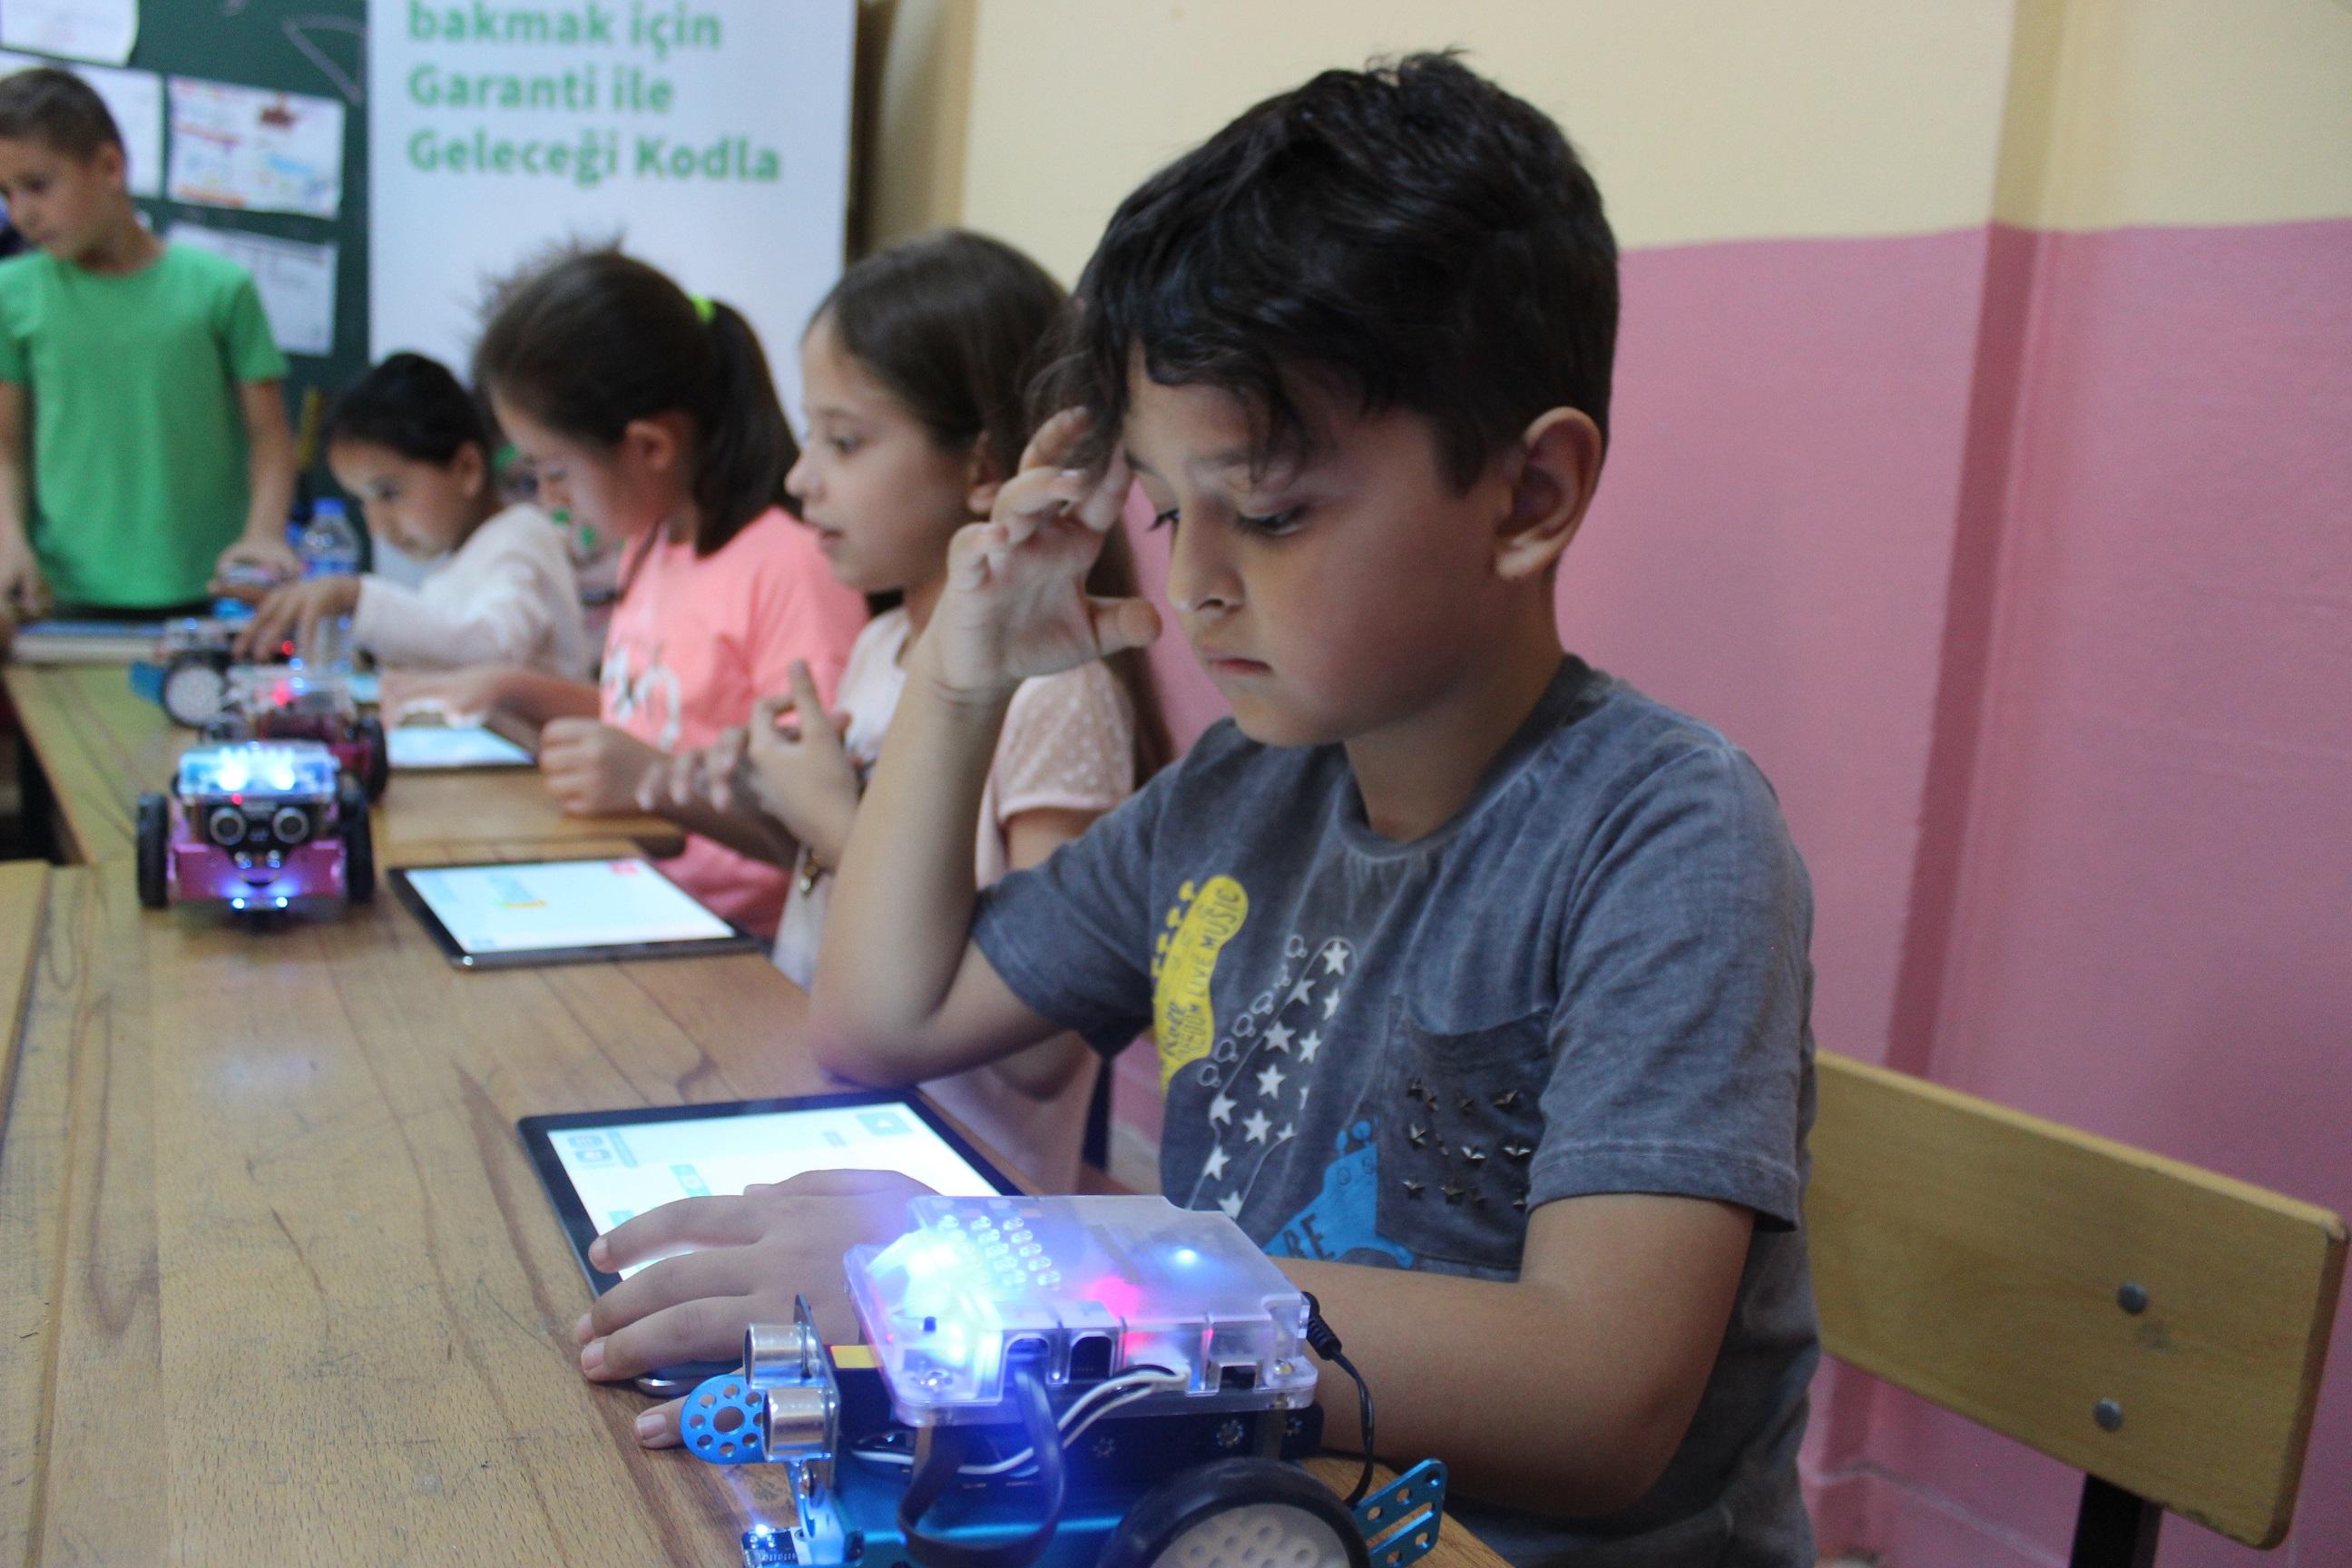 Photo of Garanti ile Geleceği Kodla Eğitimleri Sona Erdi!